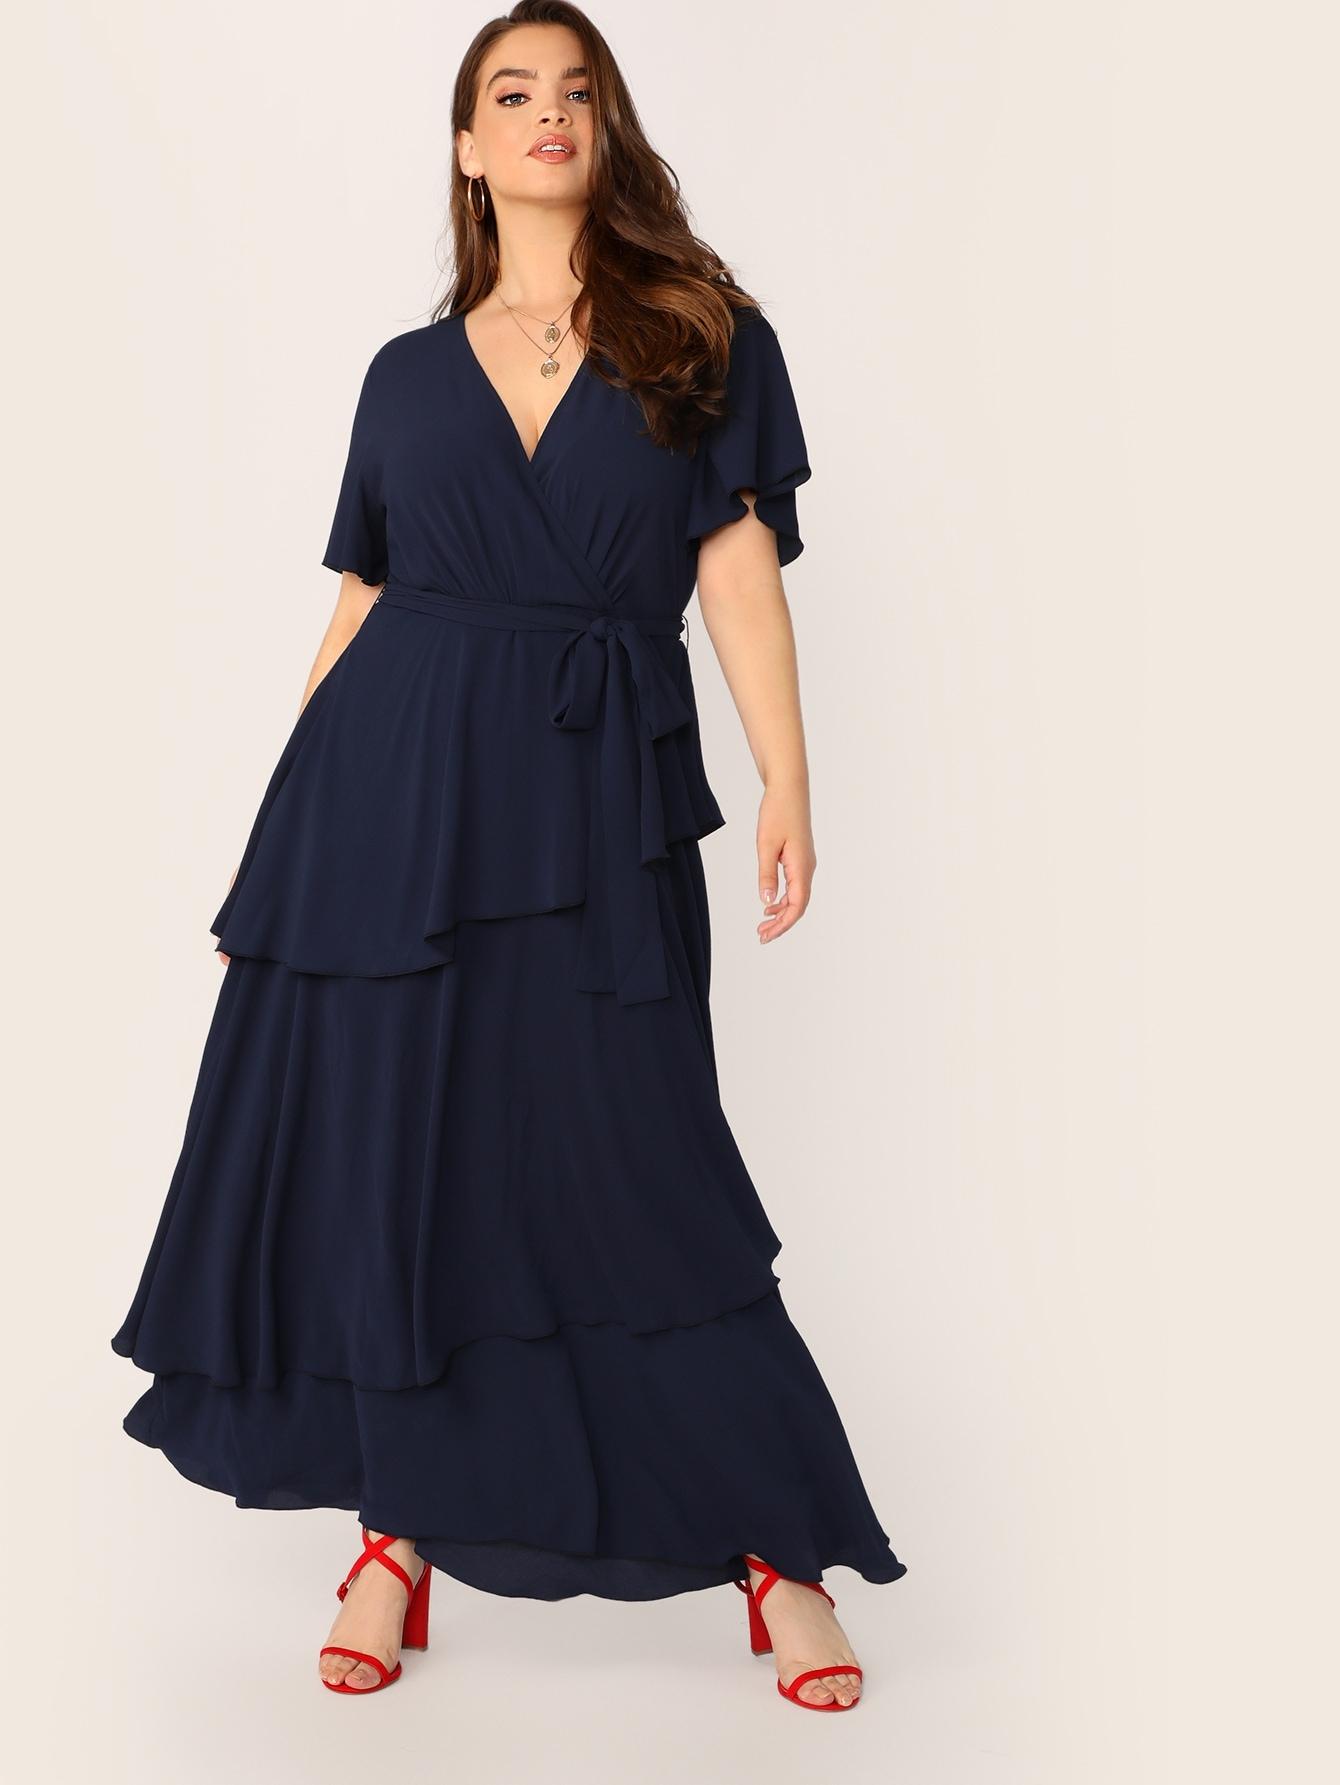 Фото - Платье с поясом, оборкой и глубоким V-образным вырезом размера плюс от SheIn цвет тёмно-синие